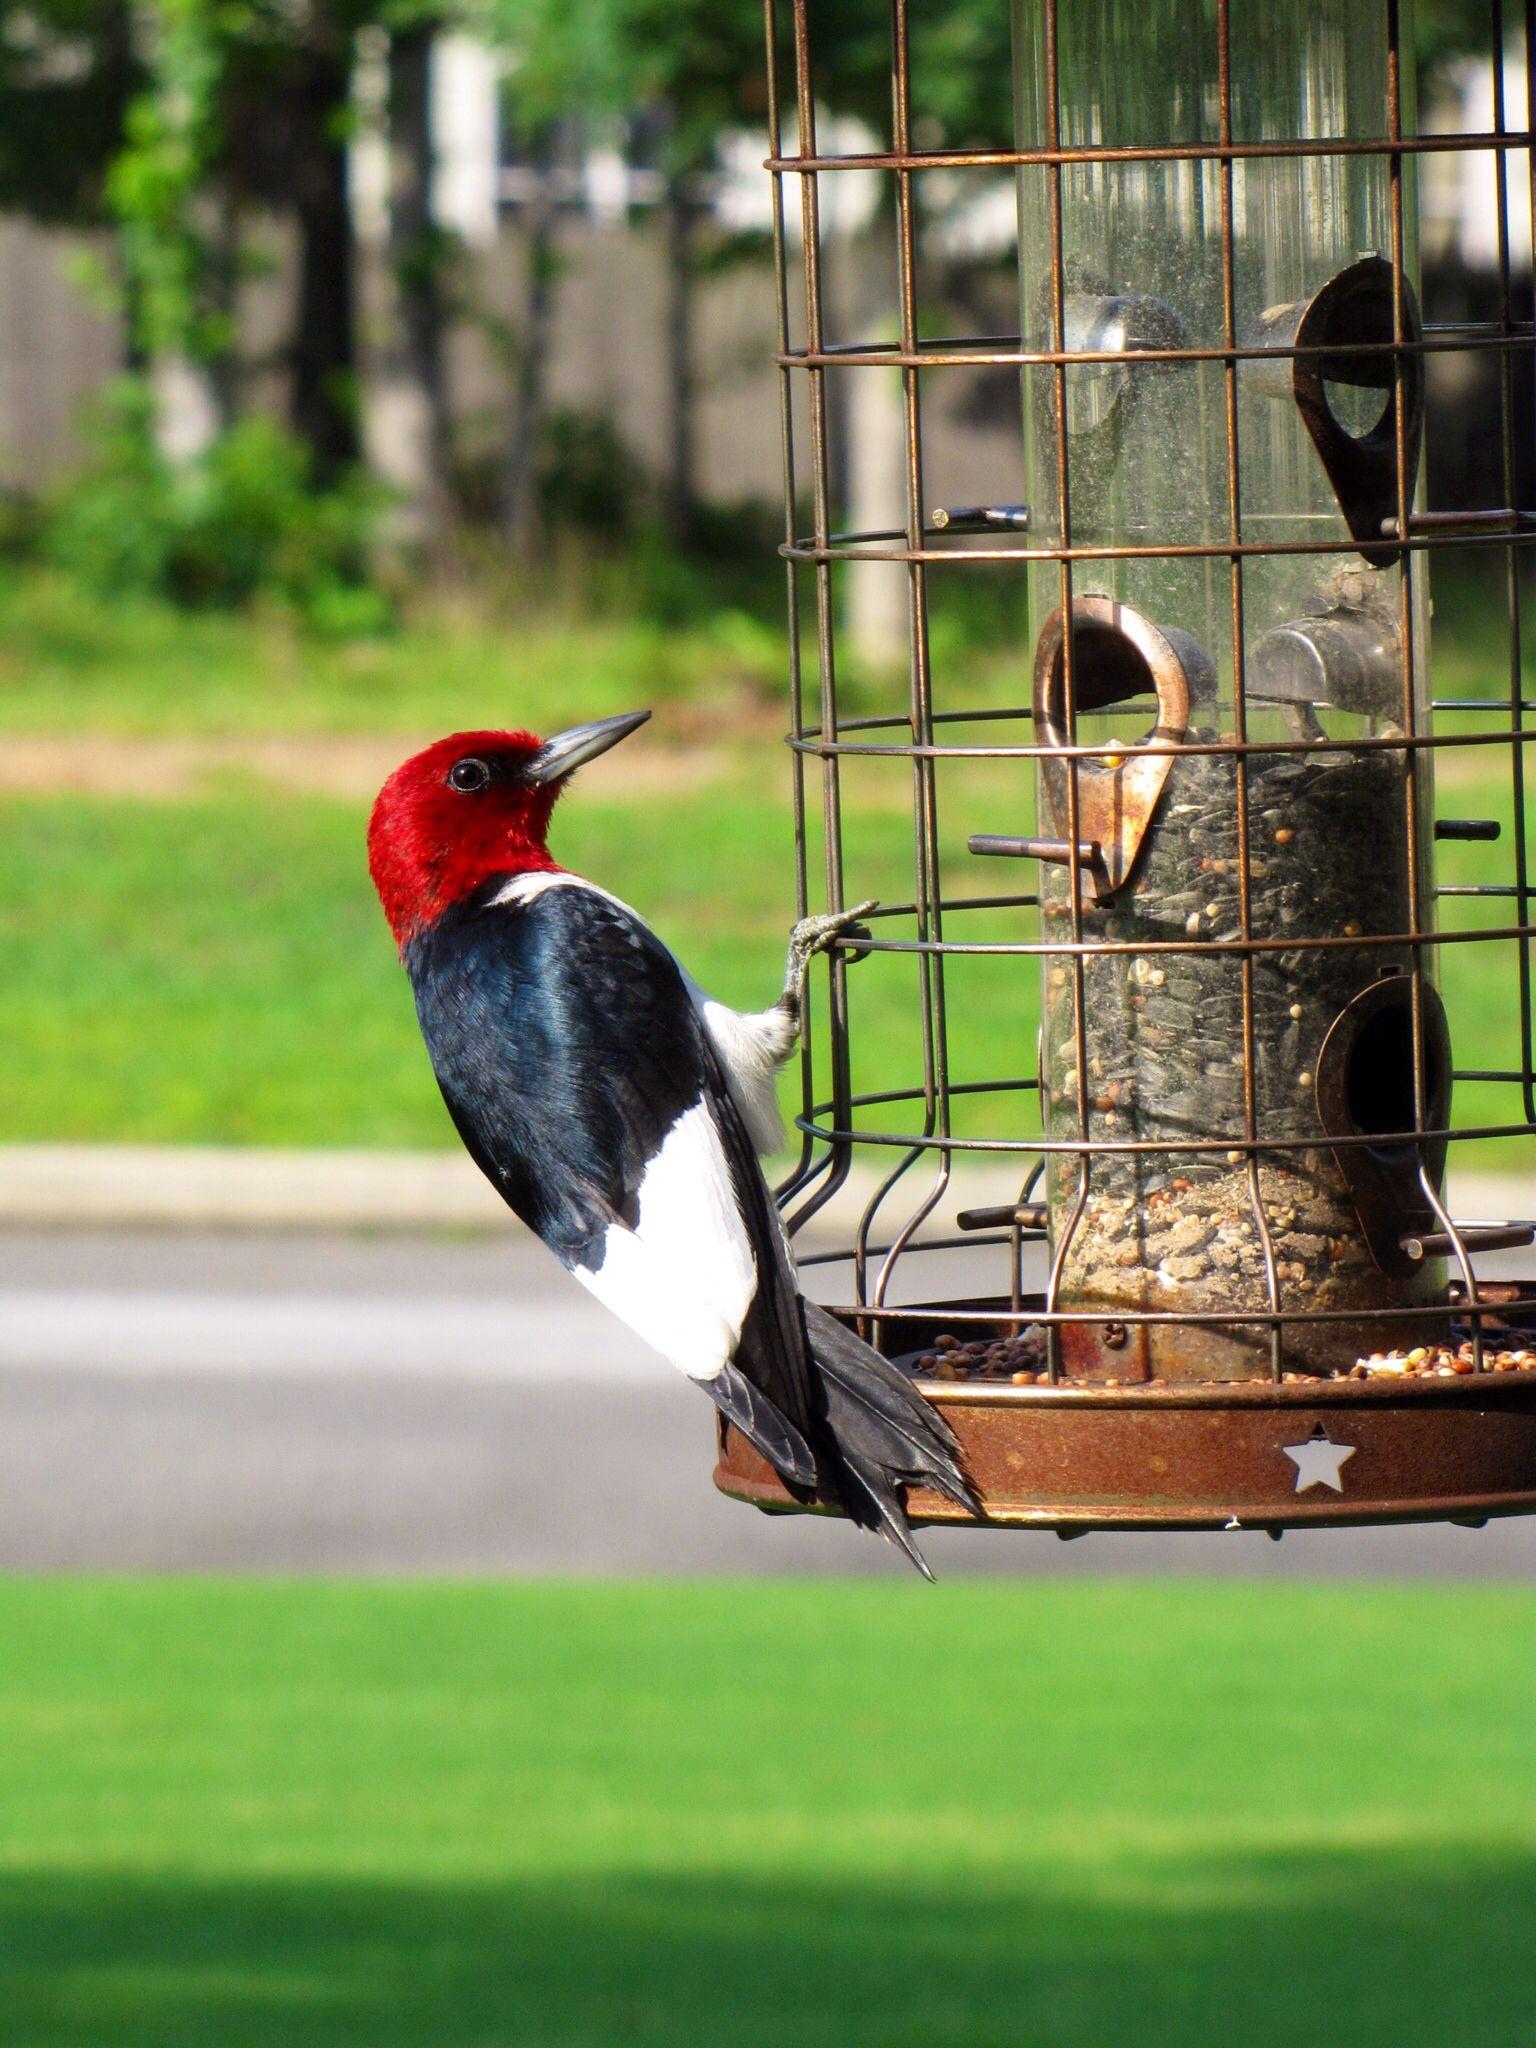 My Red Headed Woodpecker